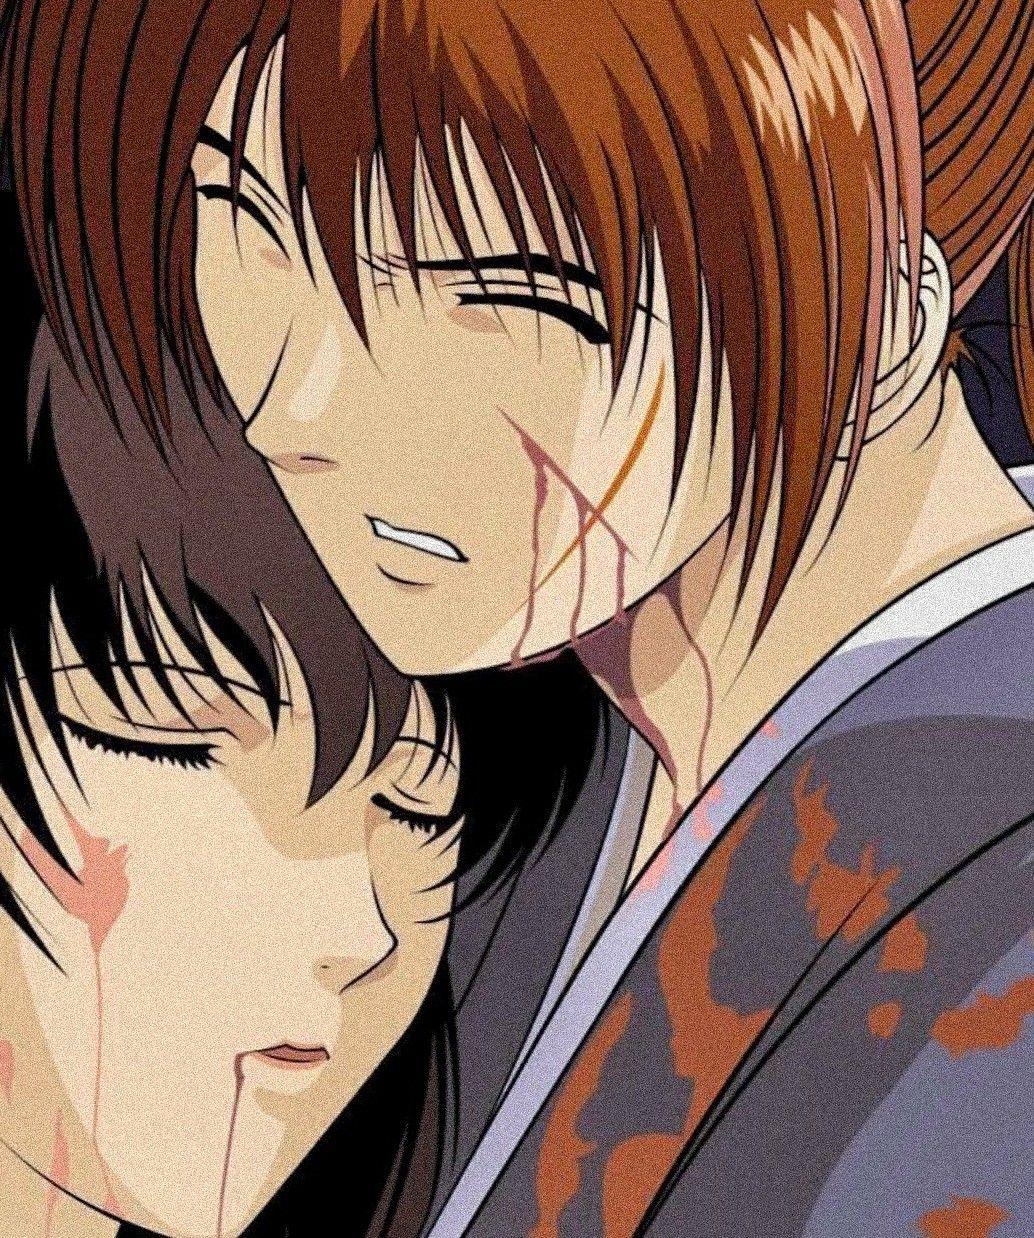 Pin by Chris on Rurouni Kenshin/Samurai X in 2020